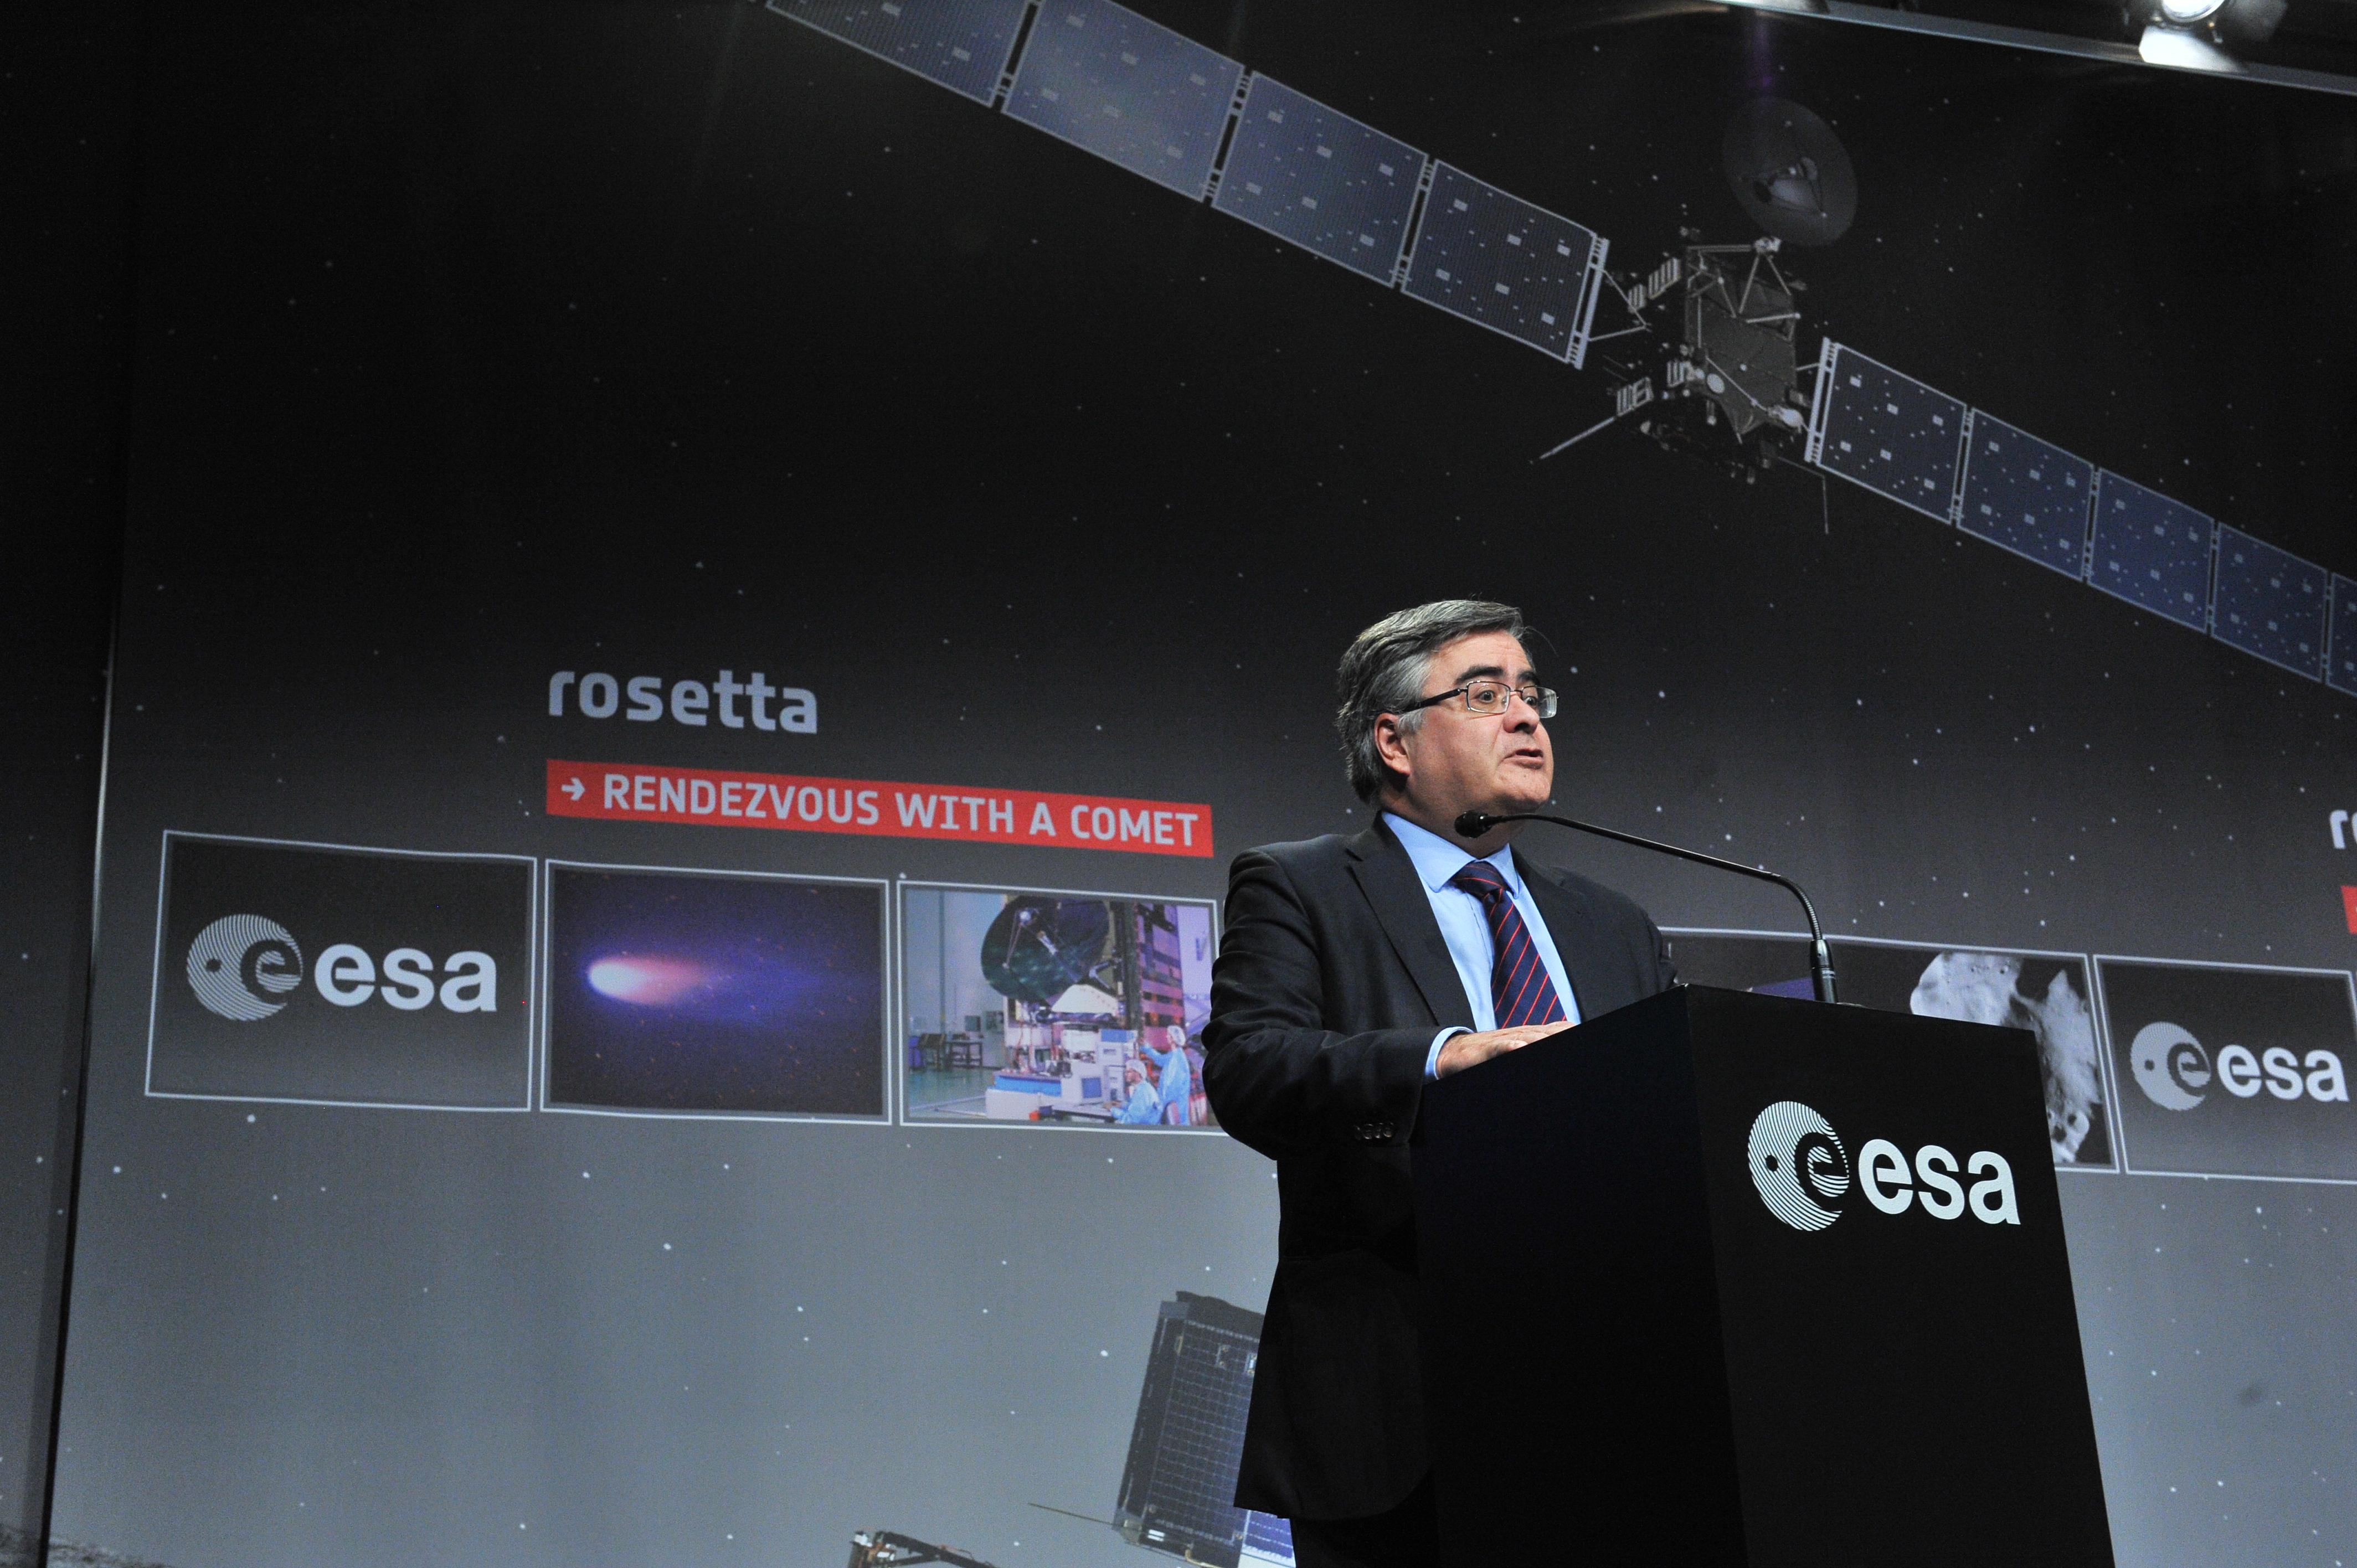 Rosetta Wake Up Day: Alvaro Gimenez